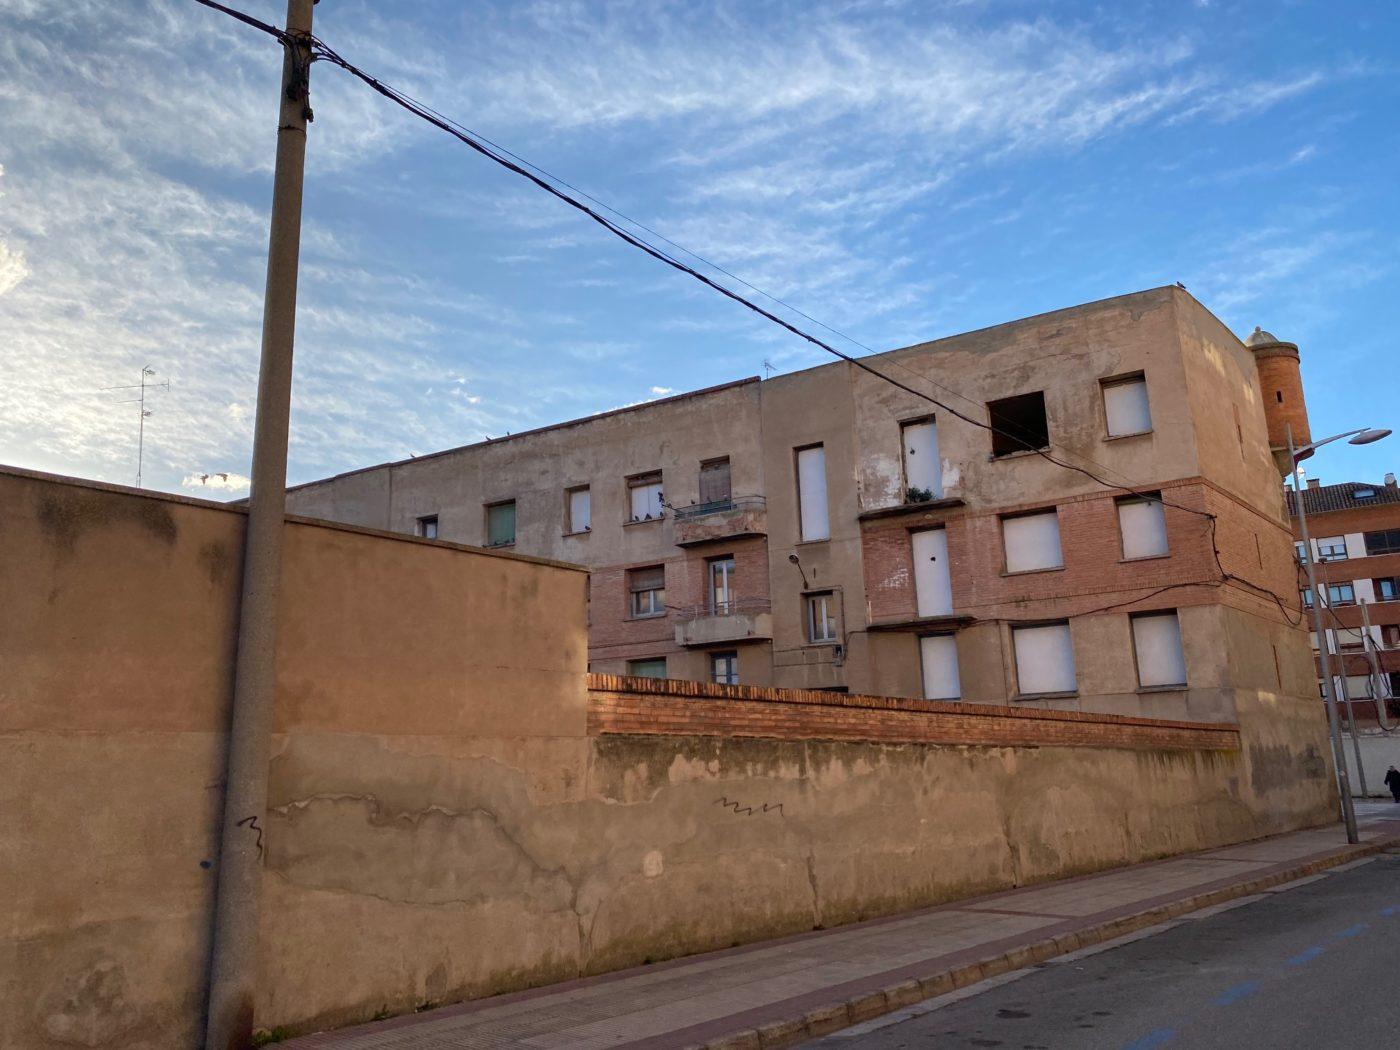 Vecinos y comerciantes del entorno del viejo cuartel de Calahorra trasladan su preocupación al ayuntamiento